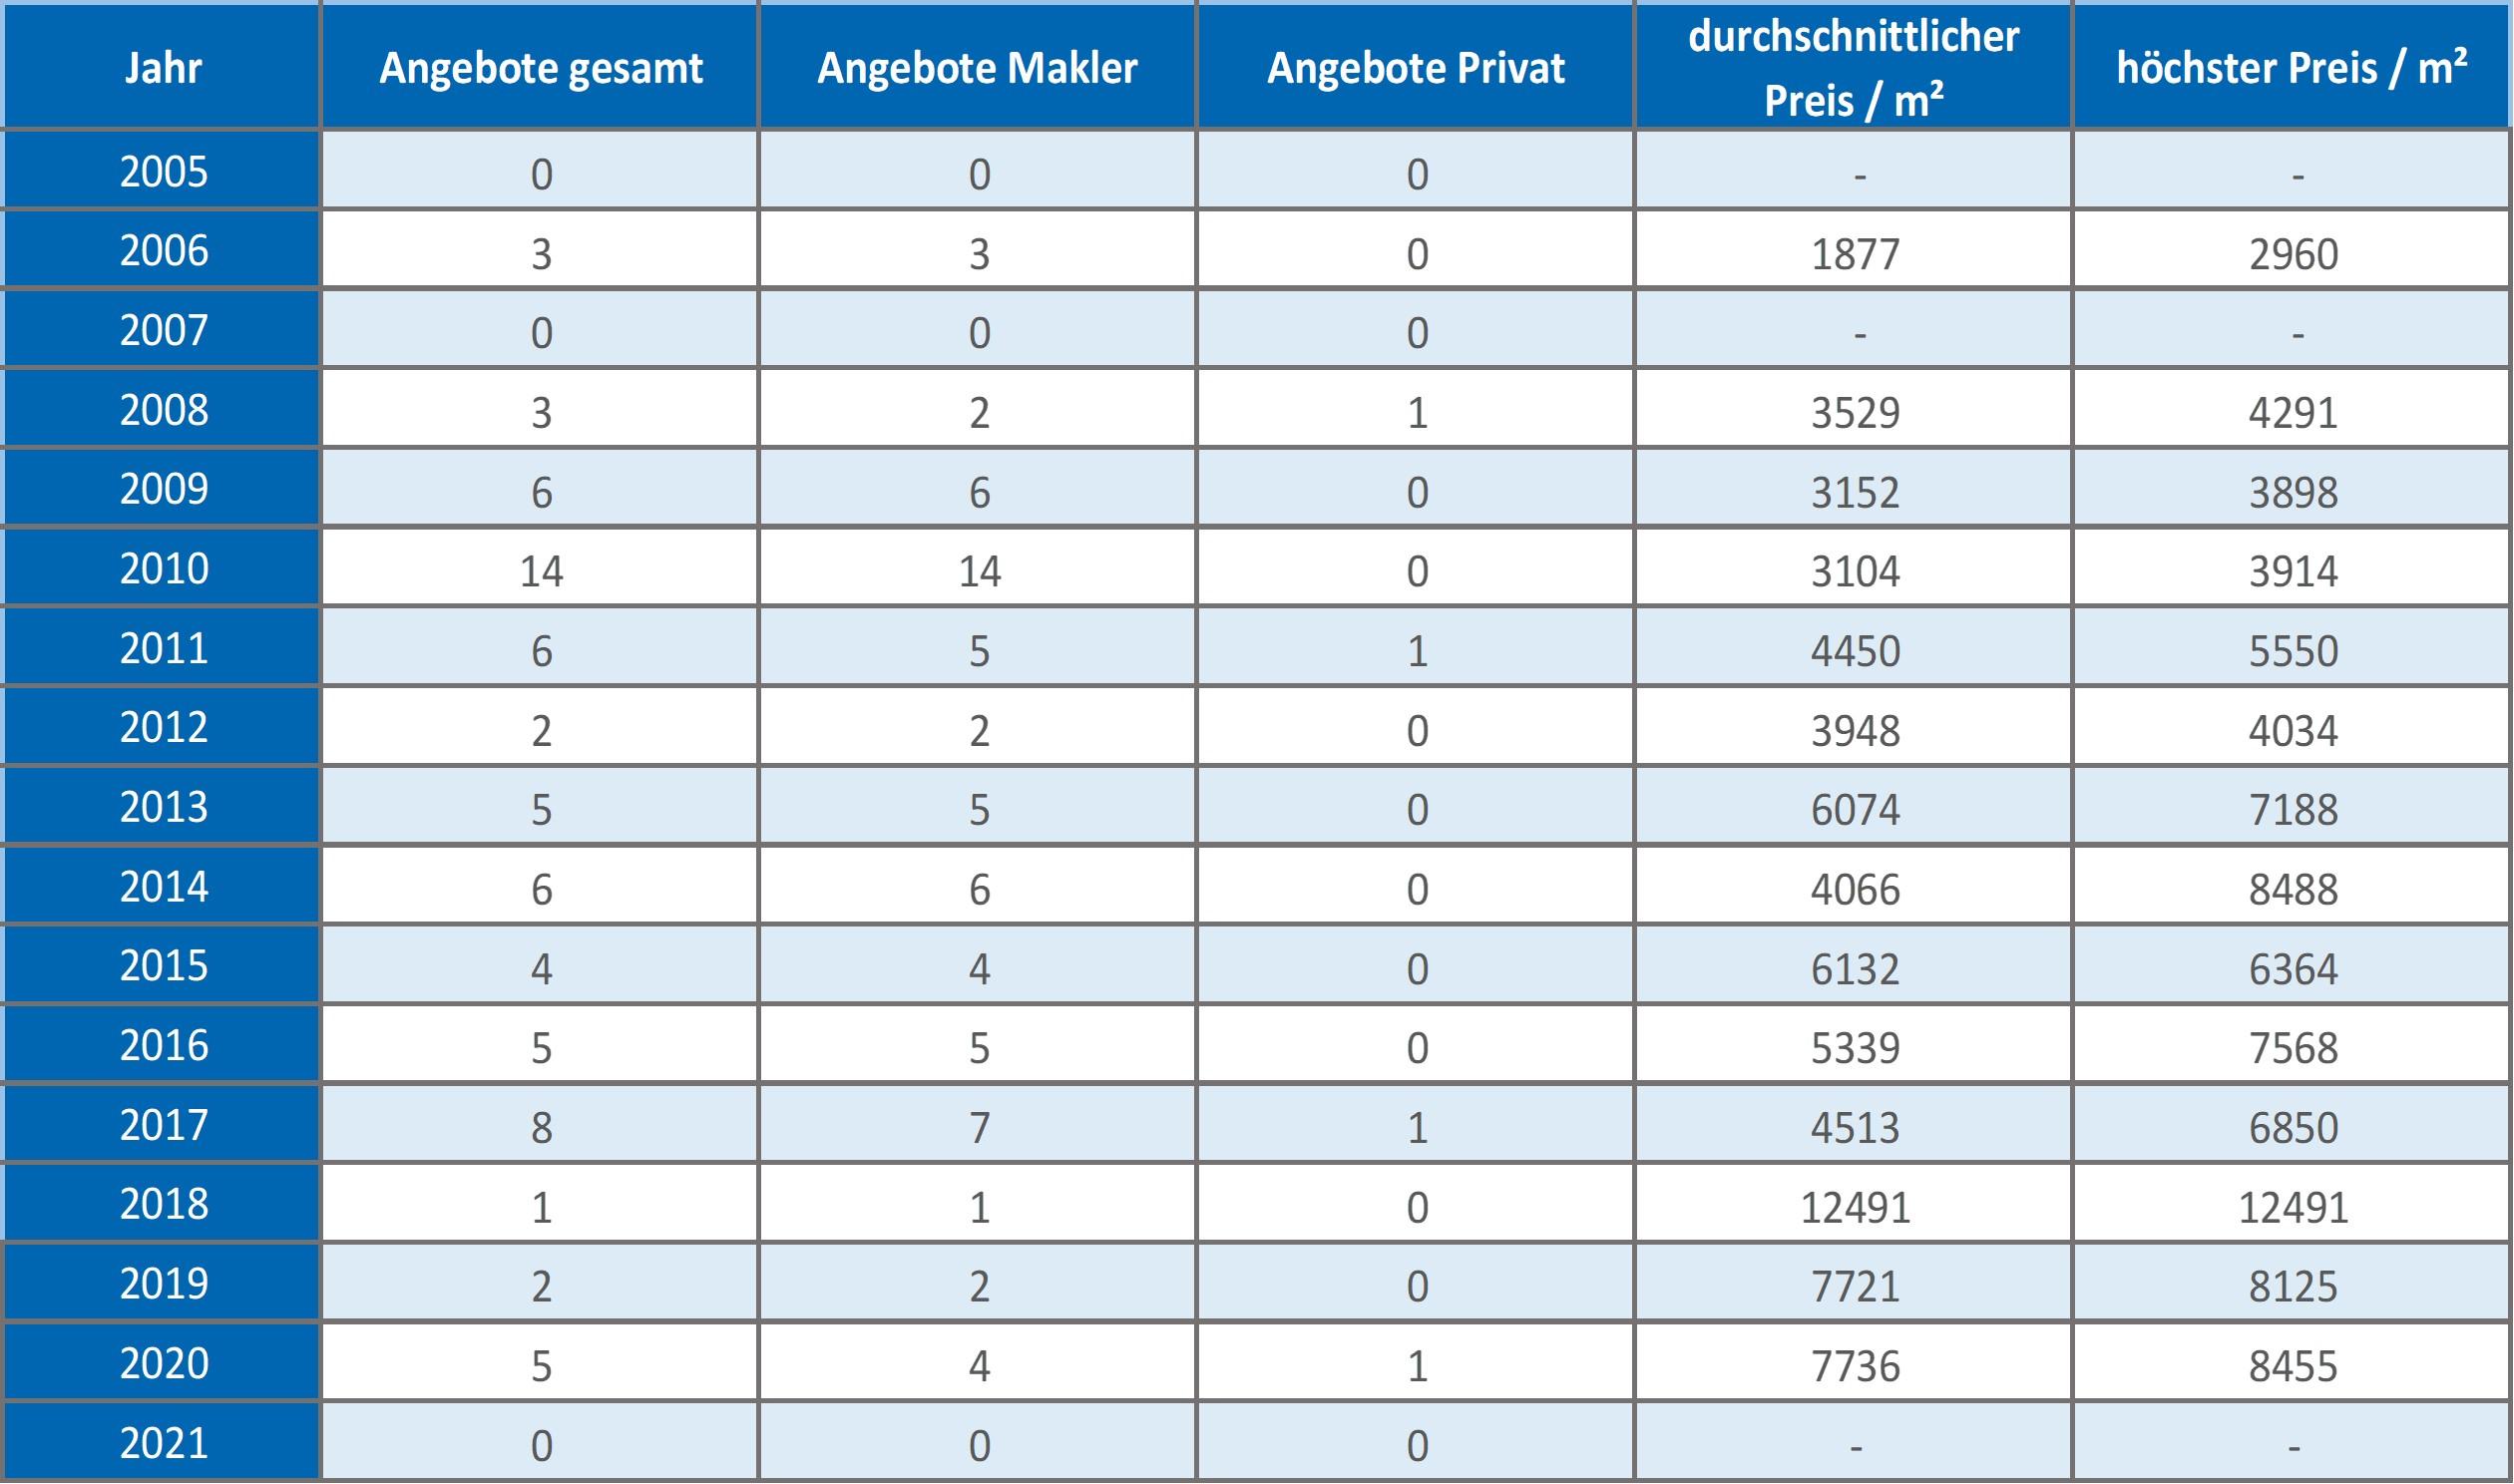 Oberhaching-Mehrfamilienhaus-kaufen-verkaufen-Makler 2019 2020 2021